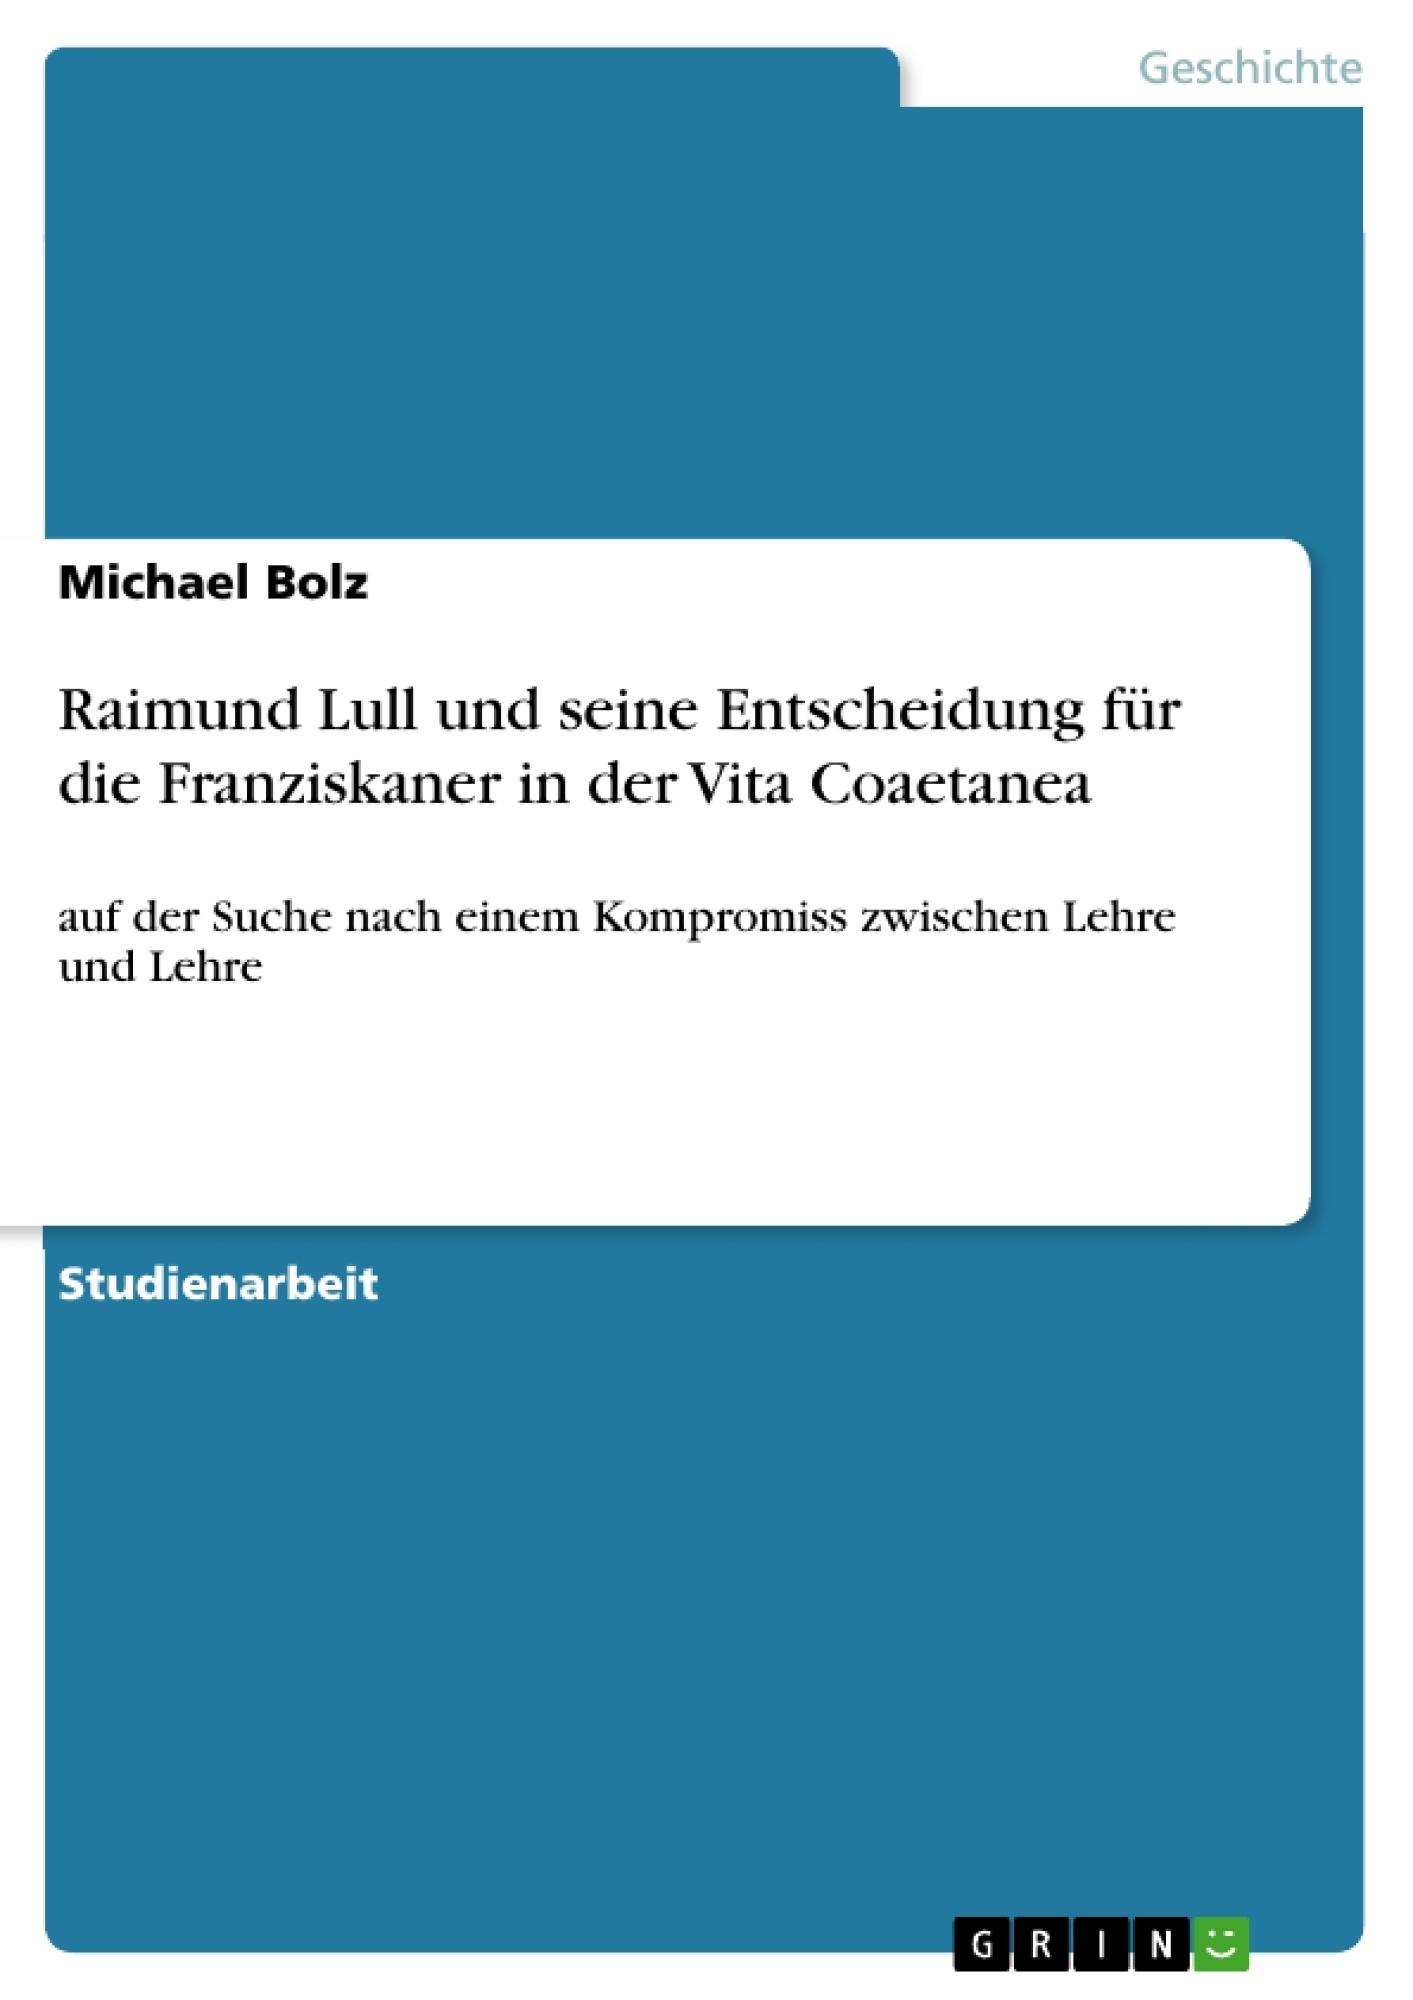 Titel: Raimund Lull und seine Entscheidung für die Franziskaner in der Vita Coaetanea